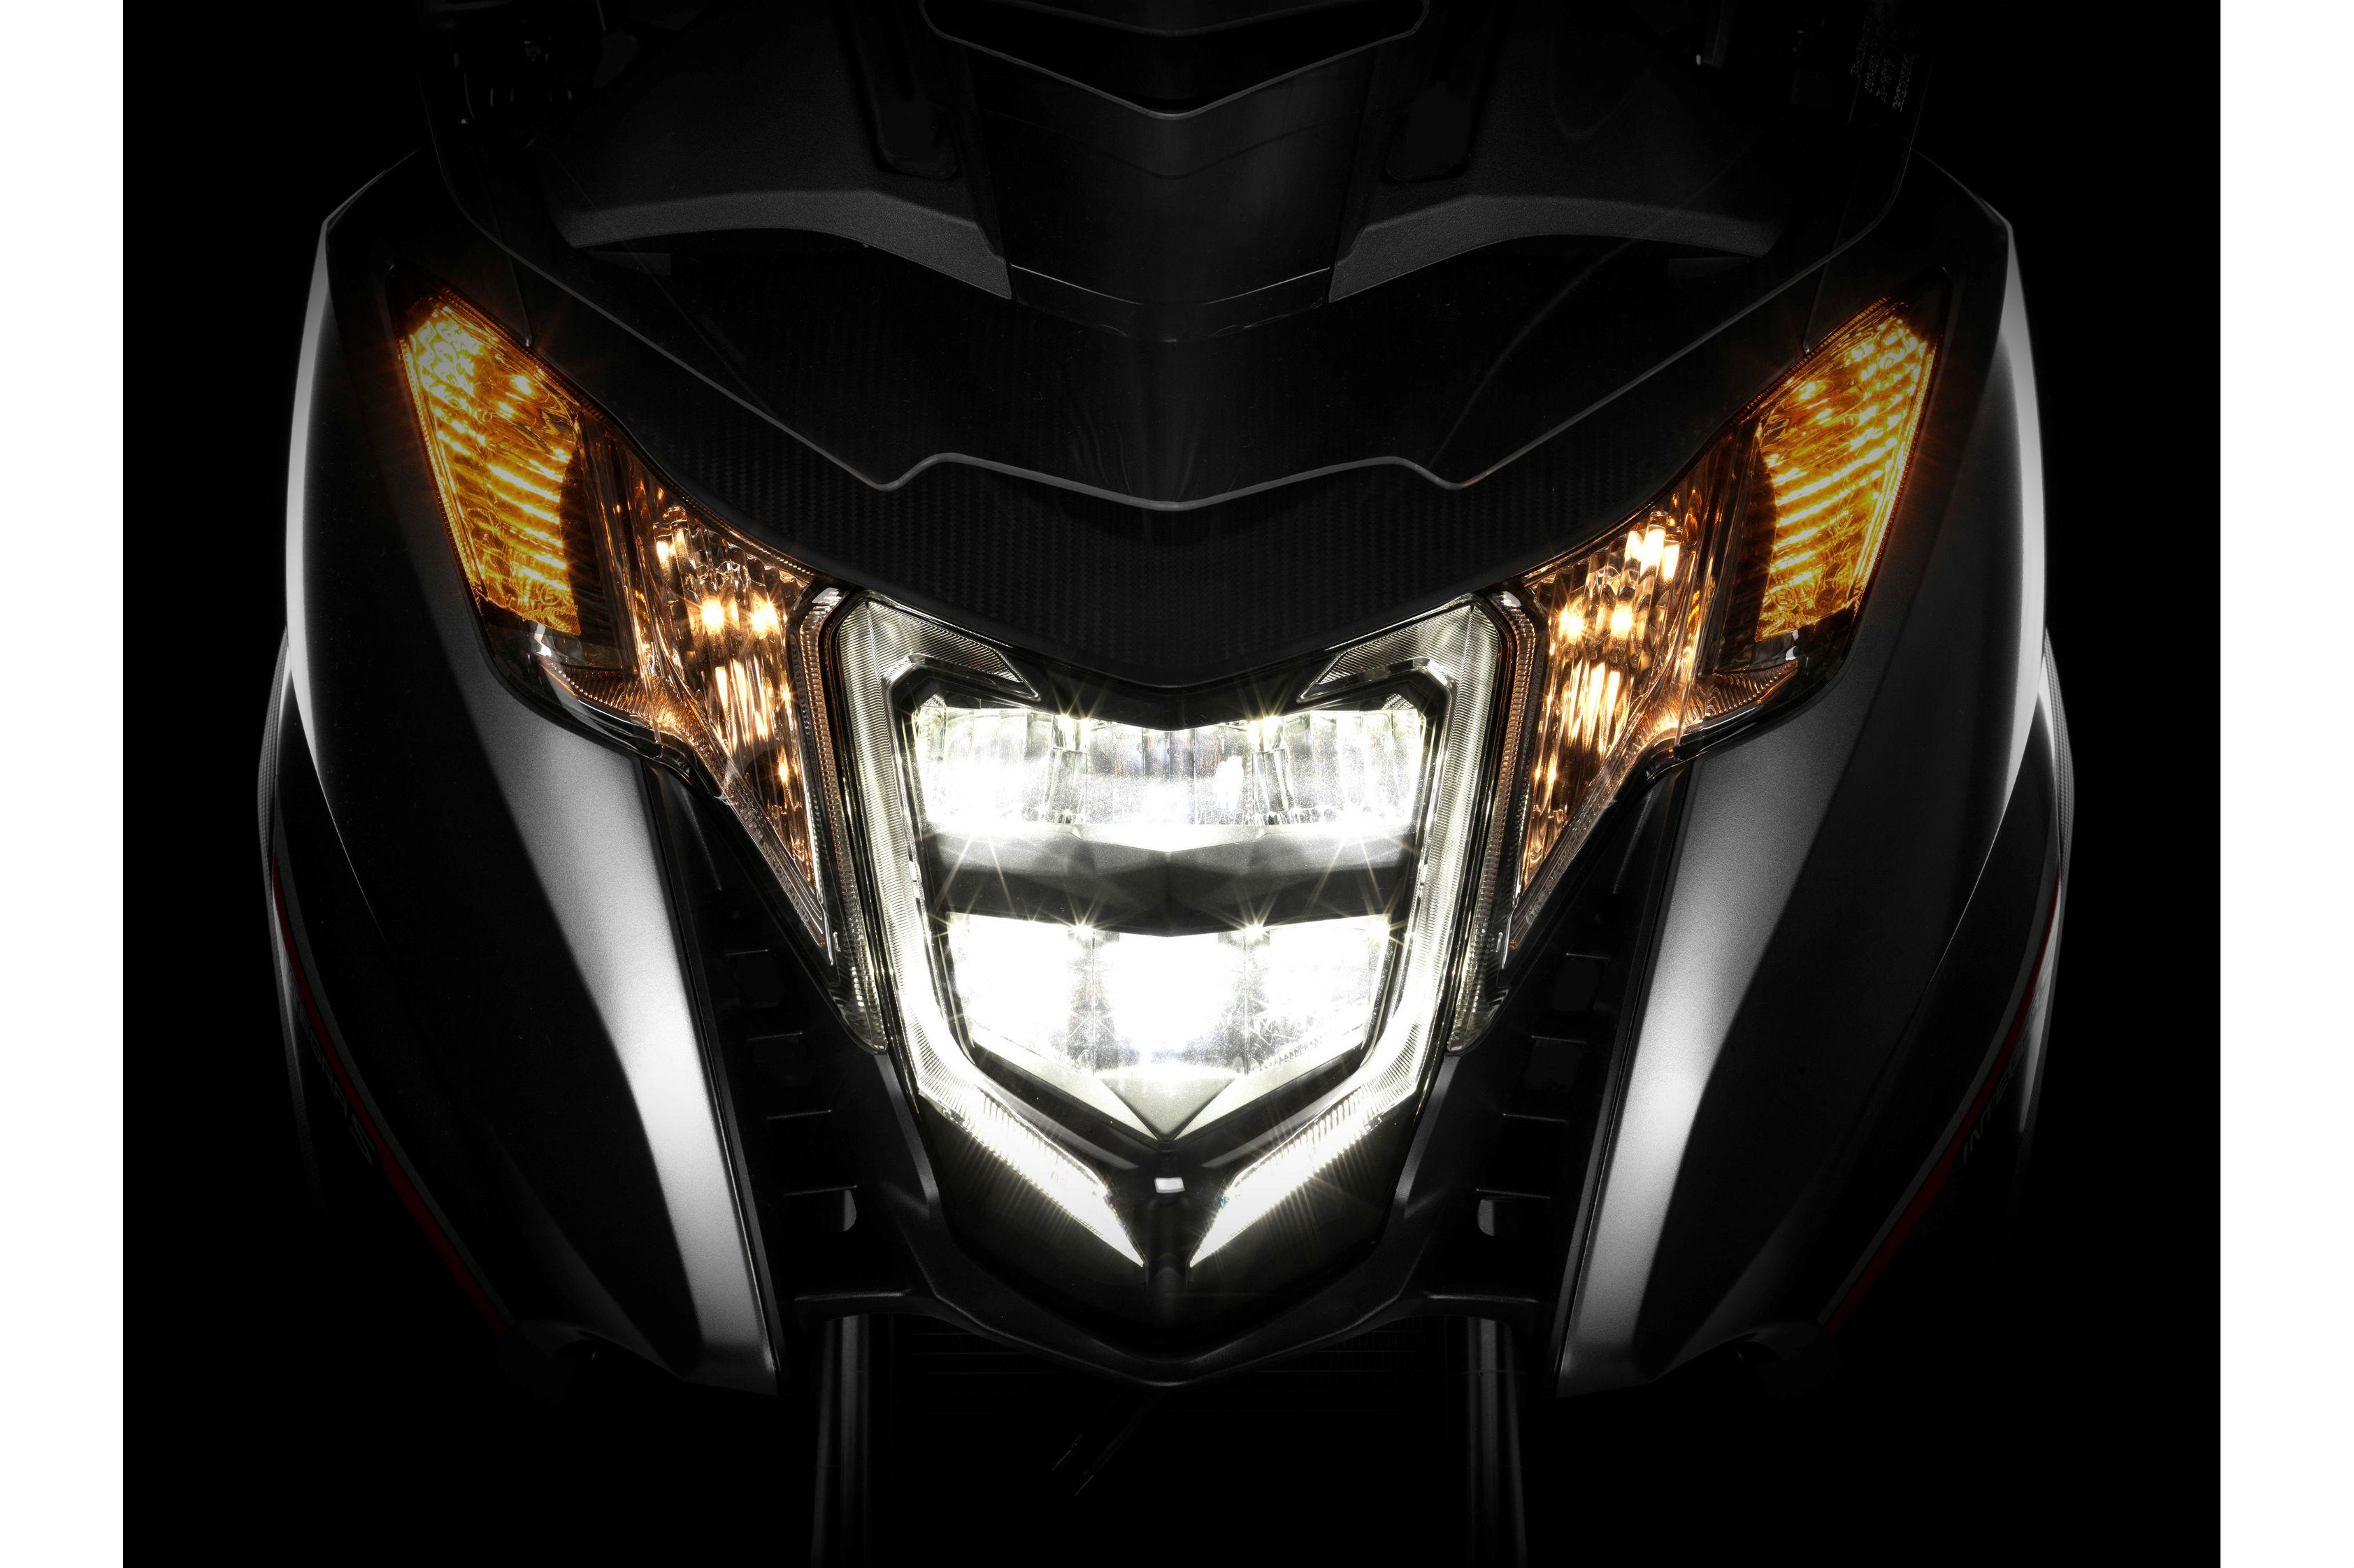 2016 Honda Integra first look